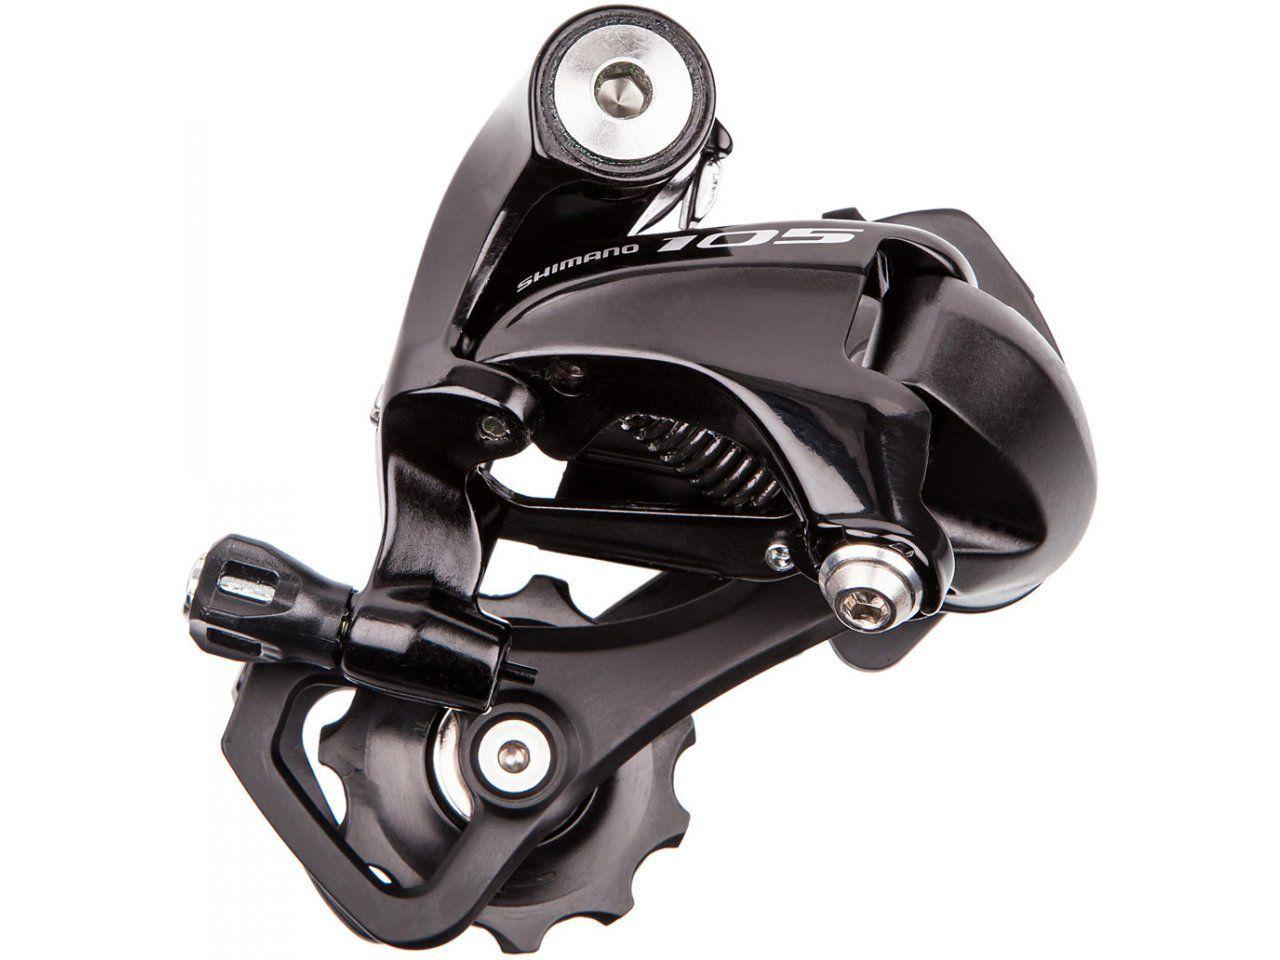 Cambio Traseiro Bicicleta Shimano 105 5800 Preto Cage Curto SS 11 velocidades